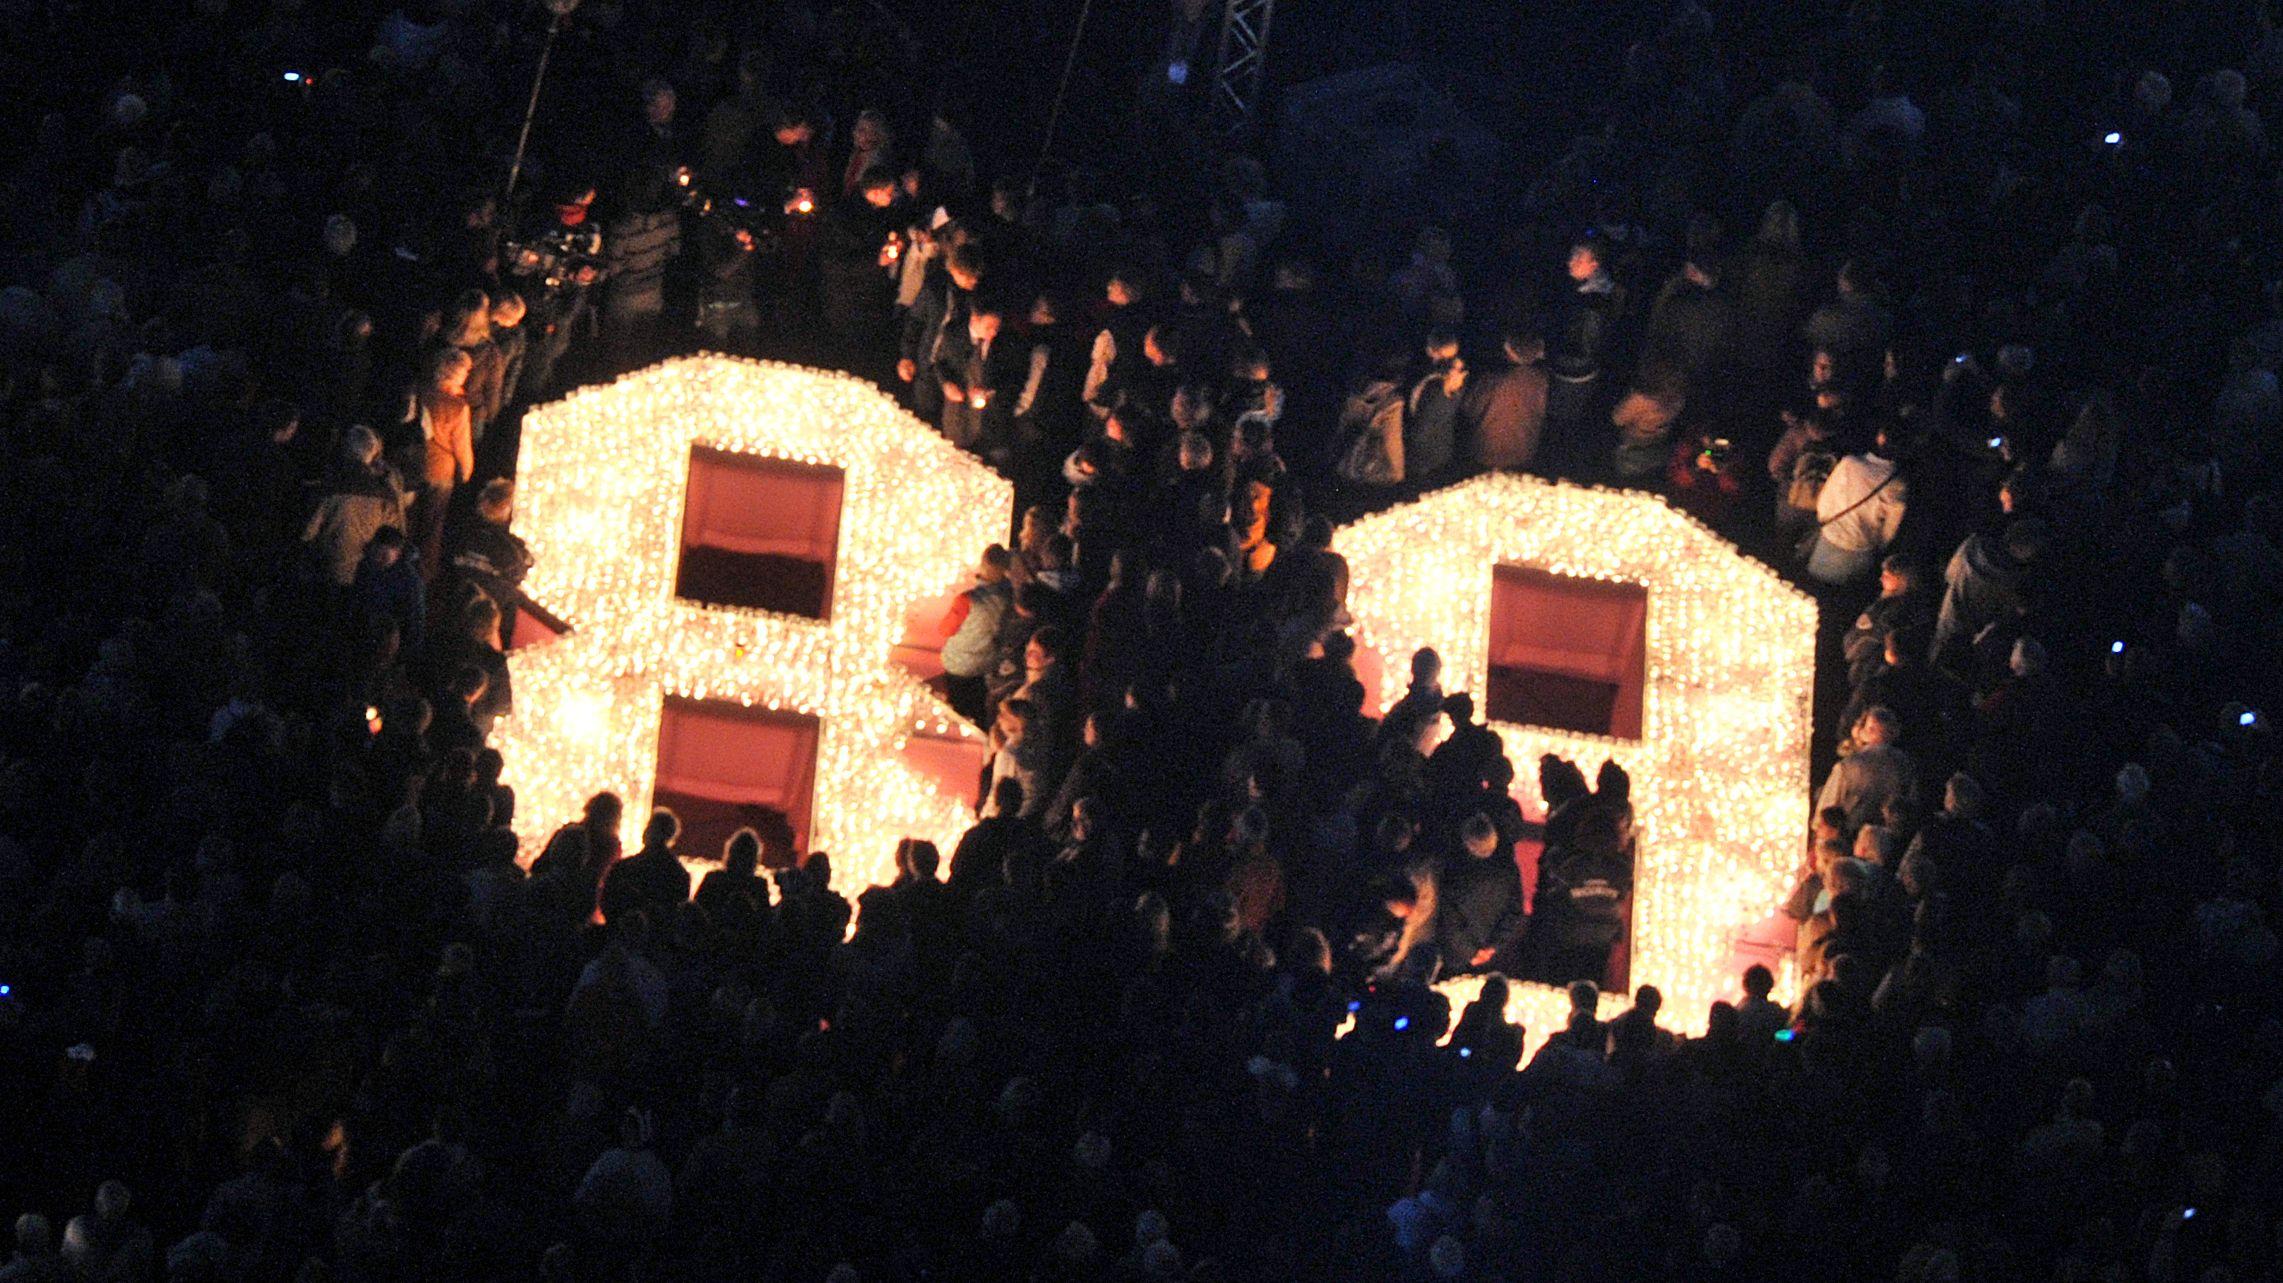 Menschen aus Leipzig erinnern an die Friedliche Revolution von 1989 und stellen die historische Zahl mit Kerzen dar.